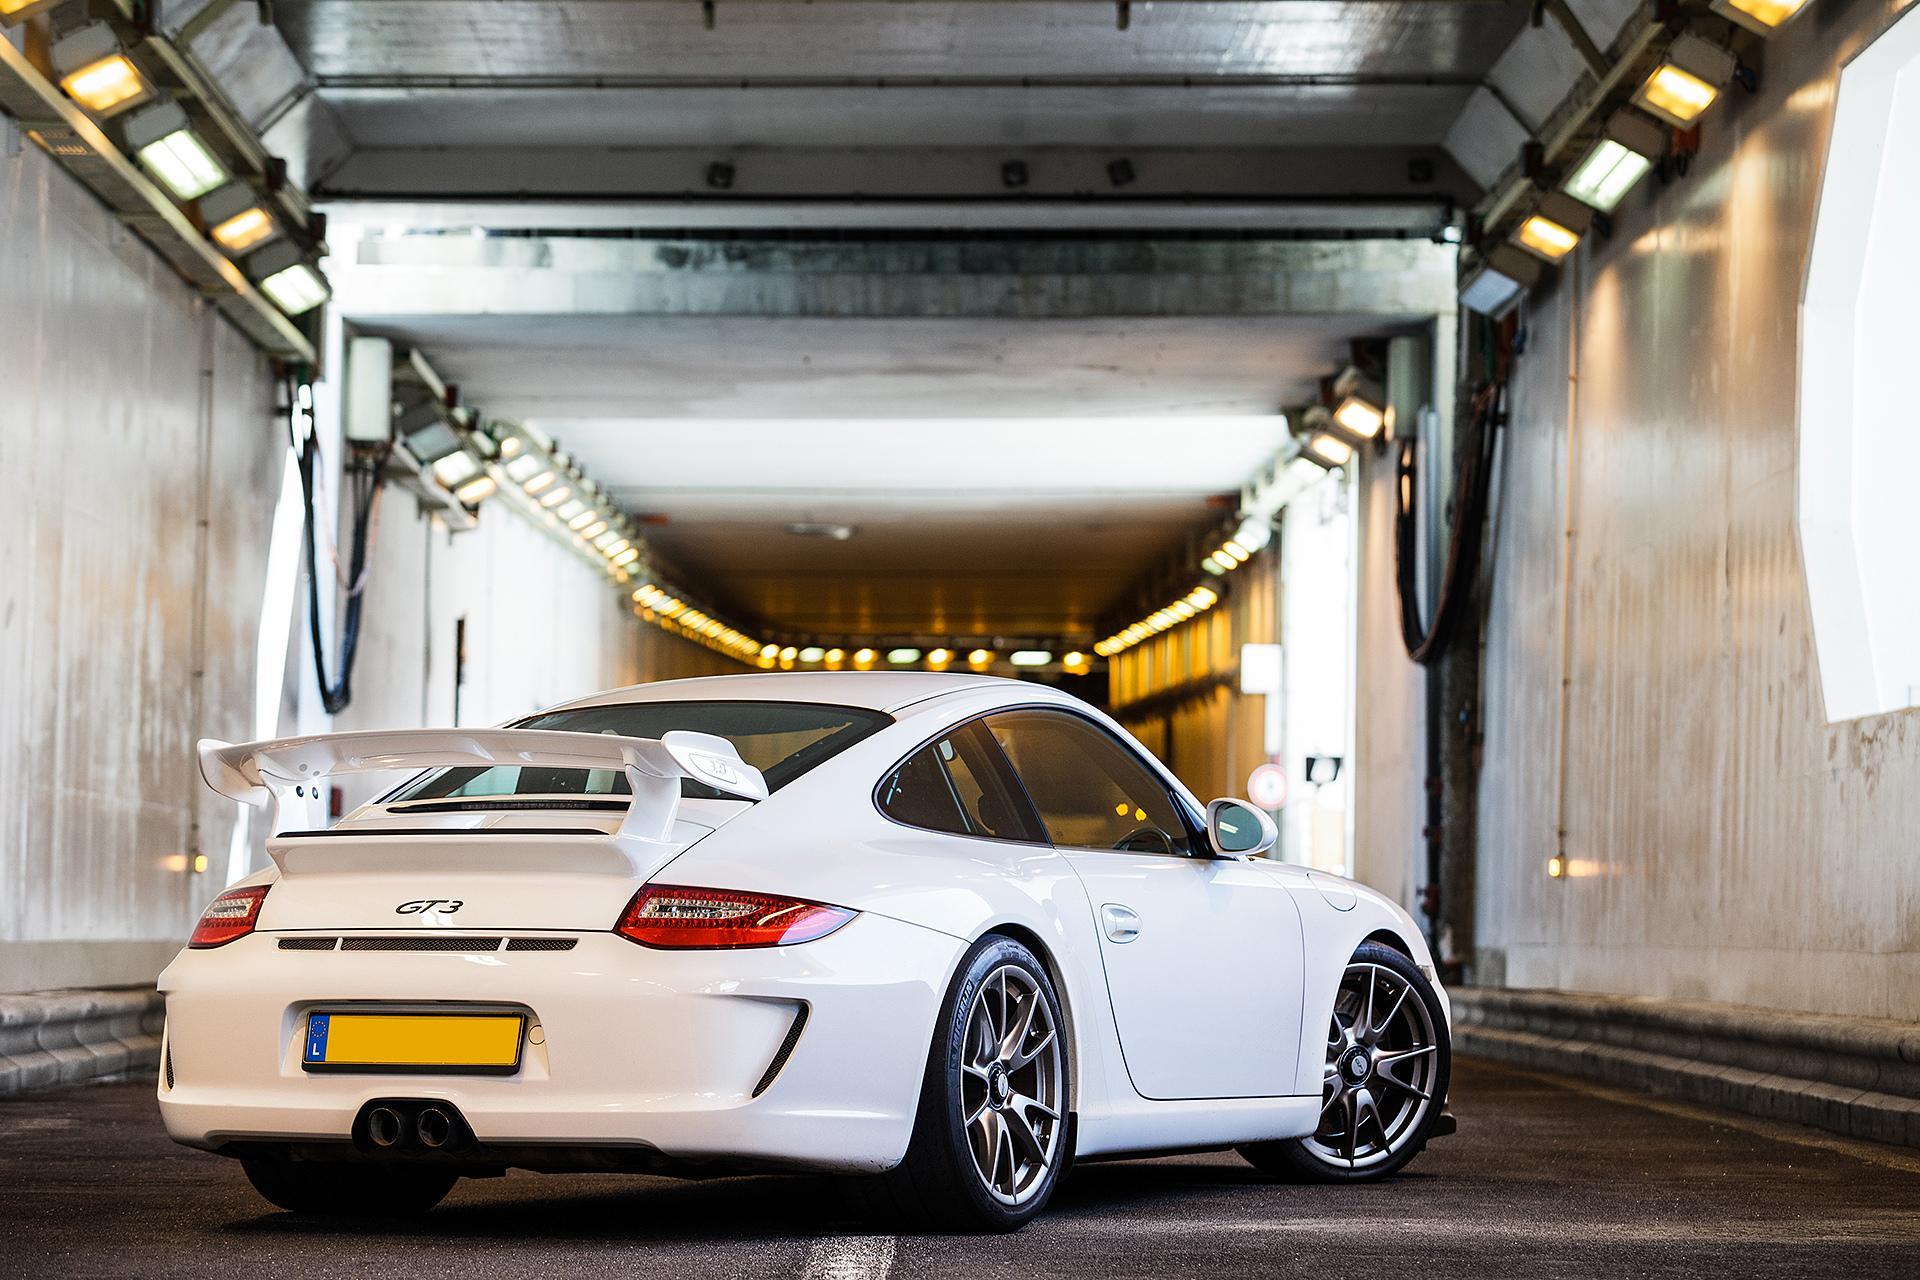 белый автомобиль спортивный porshe  № 637789 бесплатно